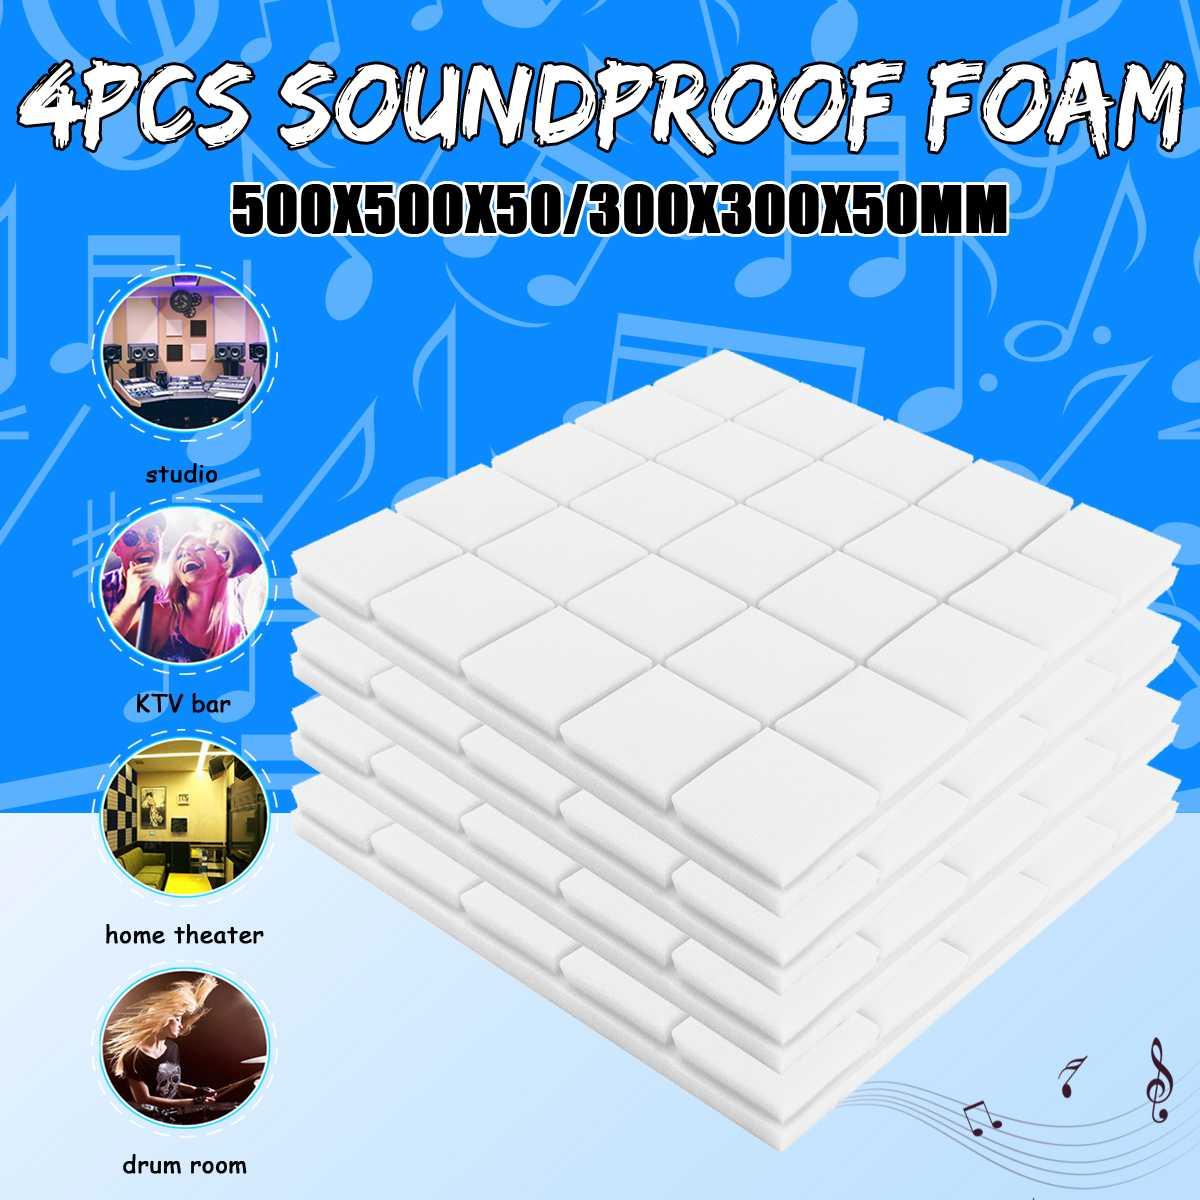 4pcs50x50x5cm Studio Acoustic Soundproof Foam Sound Absorption Treatment Panel Tile Wedge Protective Sponge